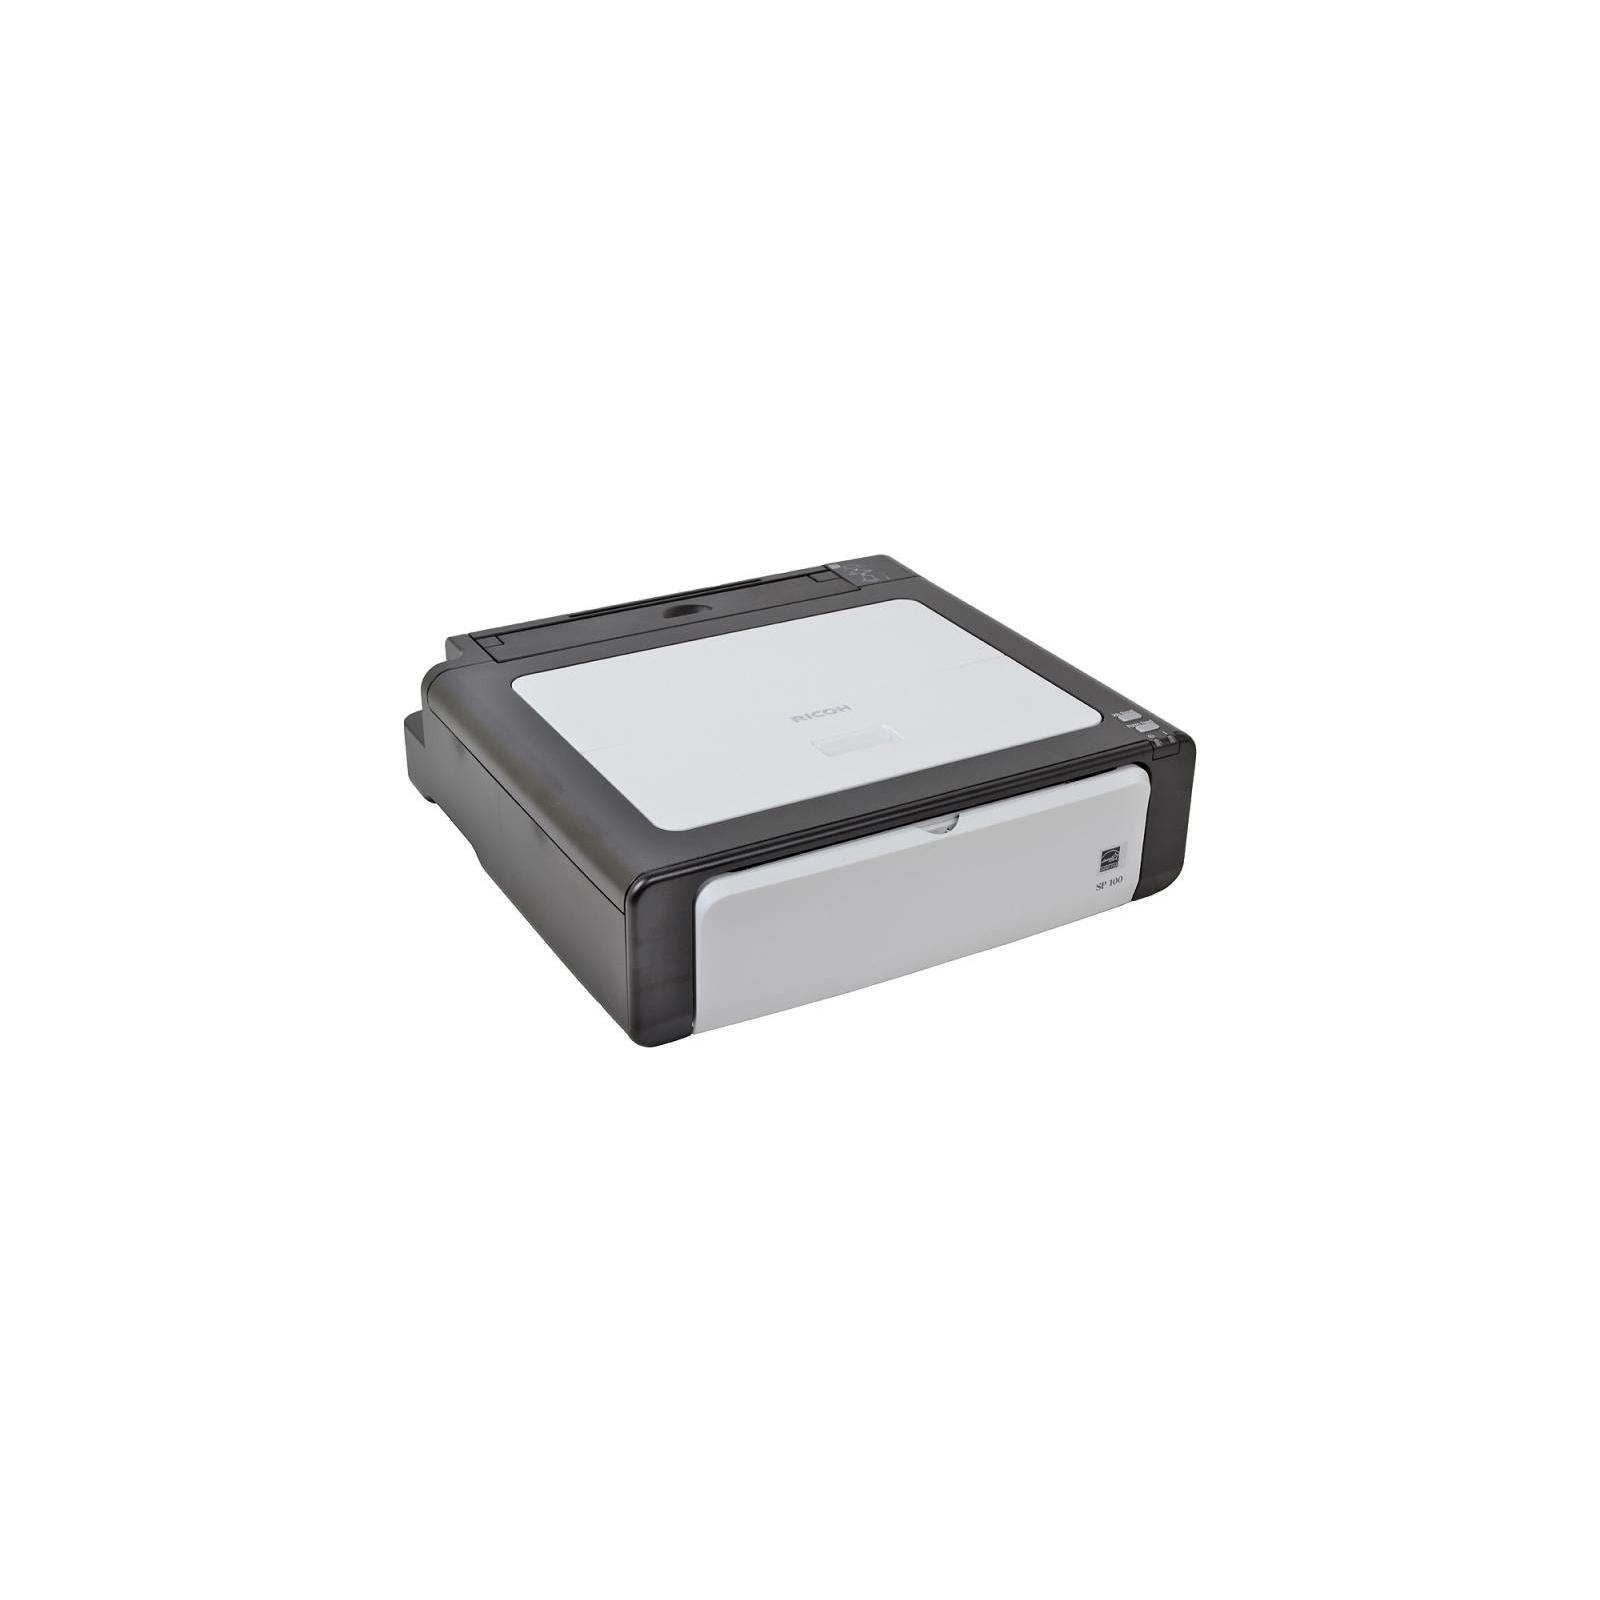 Лазерный принтер Ricoh SP100 (407490) изображение 2